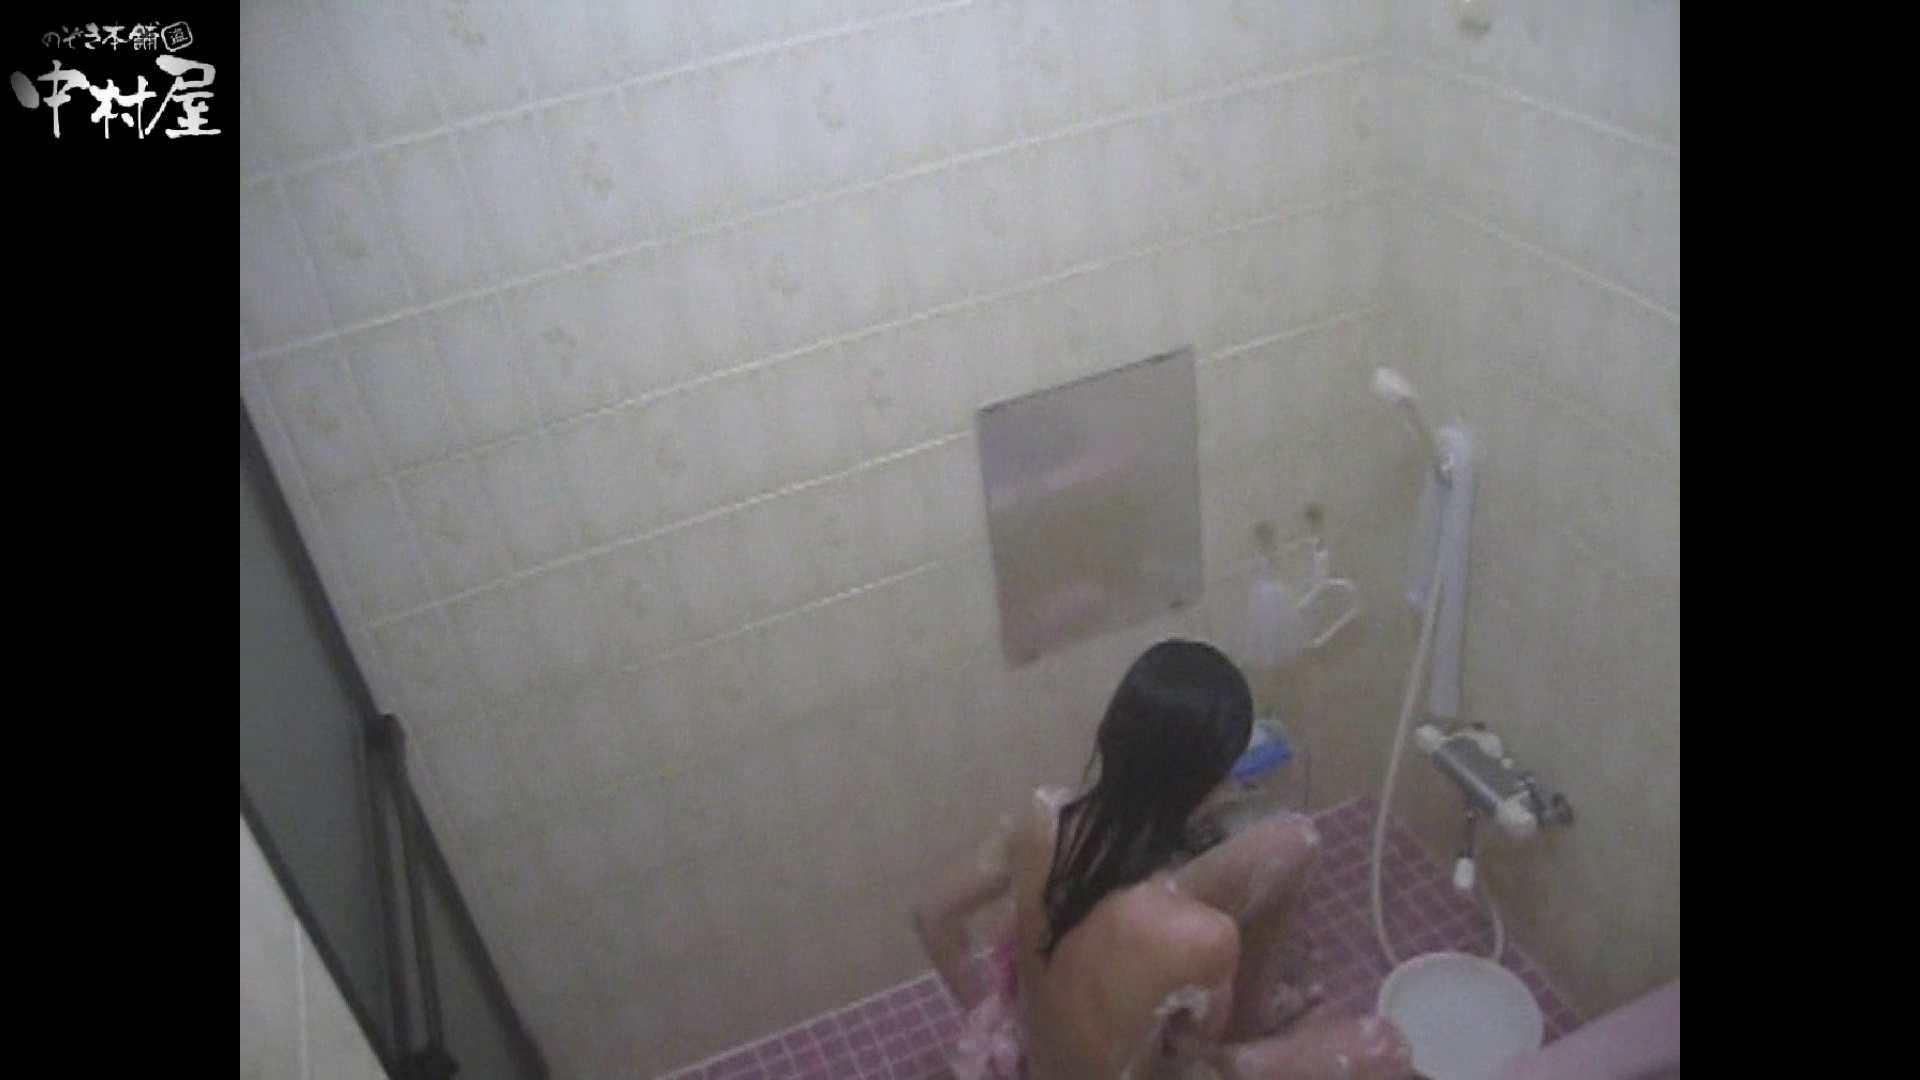 民家風呂専門盗撮師の超危険映像 vol.010 美少女女体  98連発 18